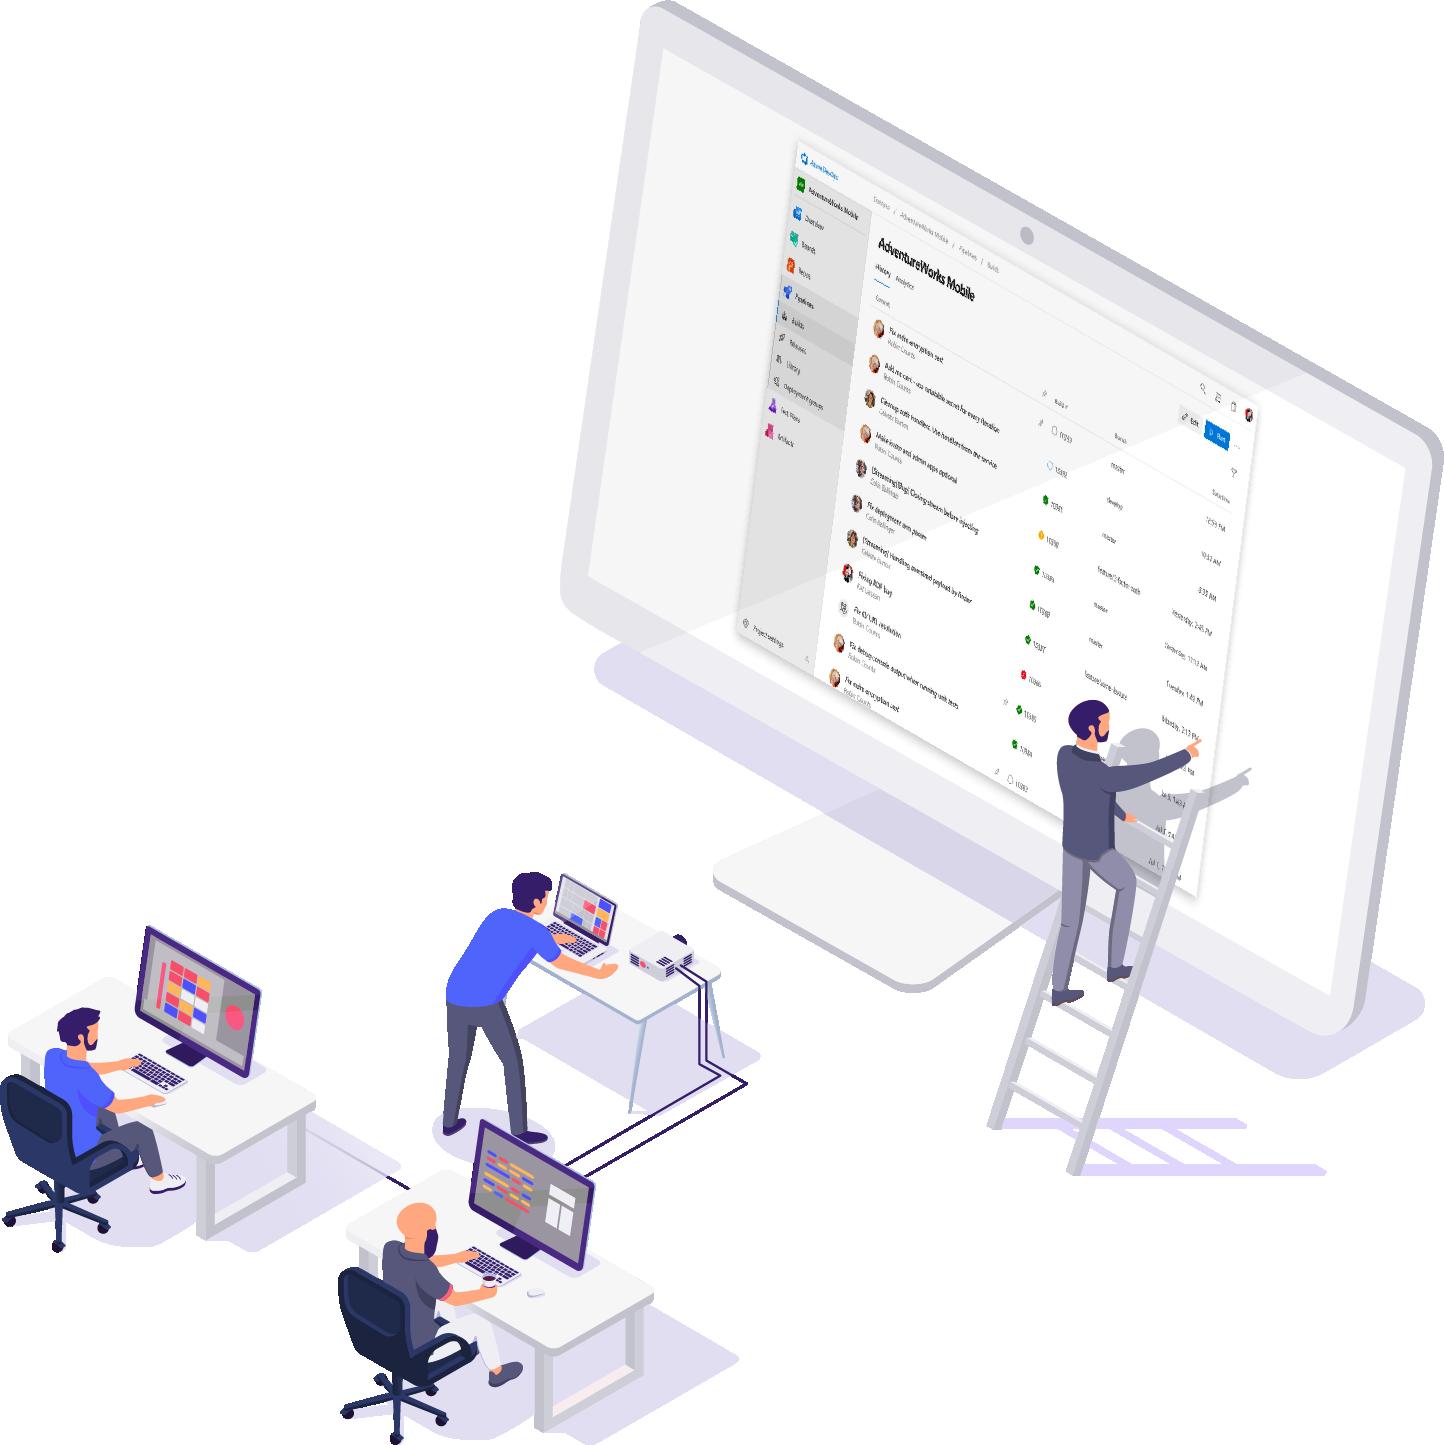 TFS to Azure DevOps (VSTS) Migration Framework